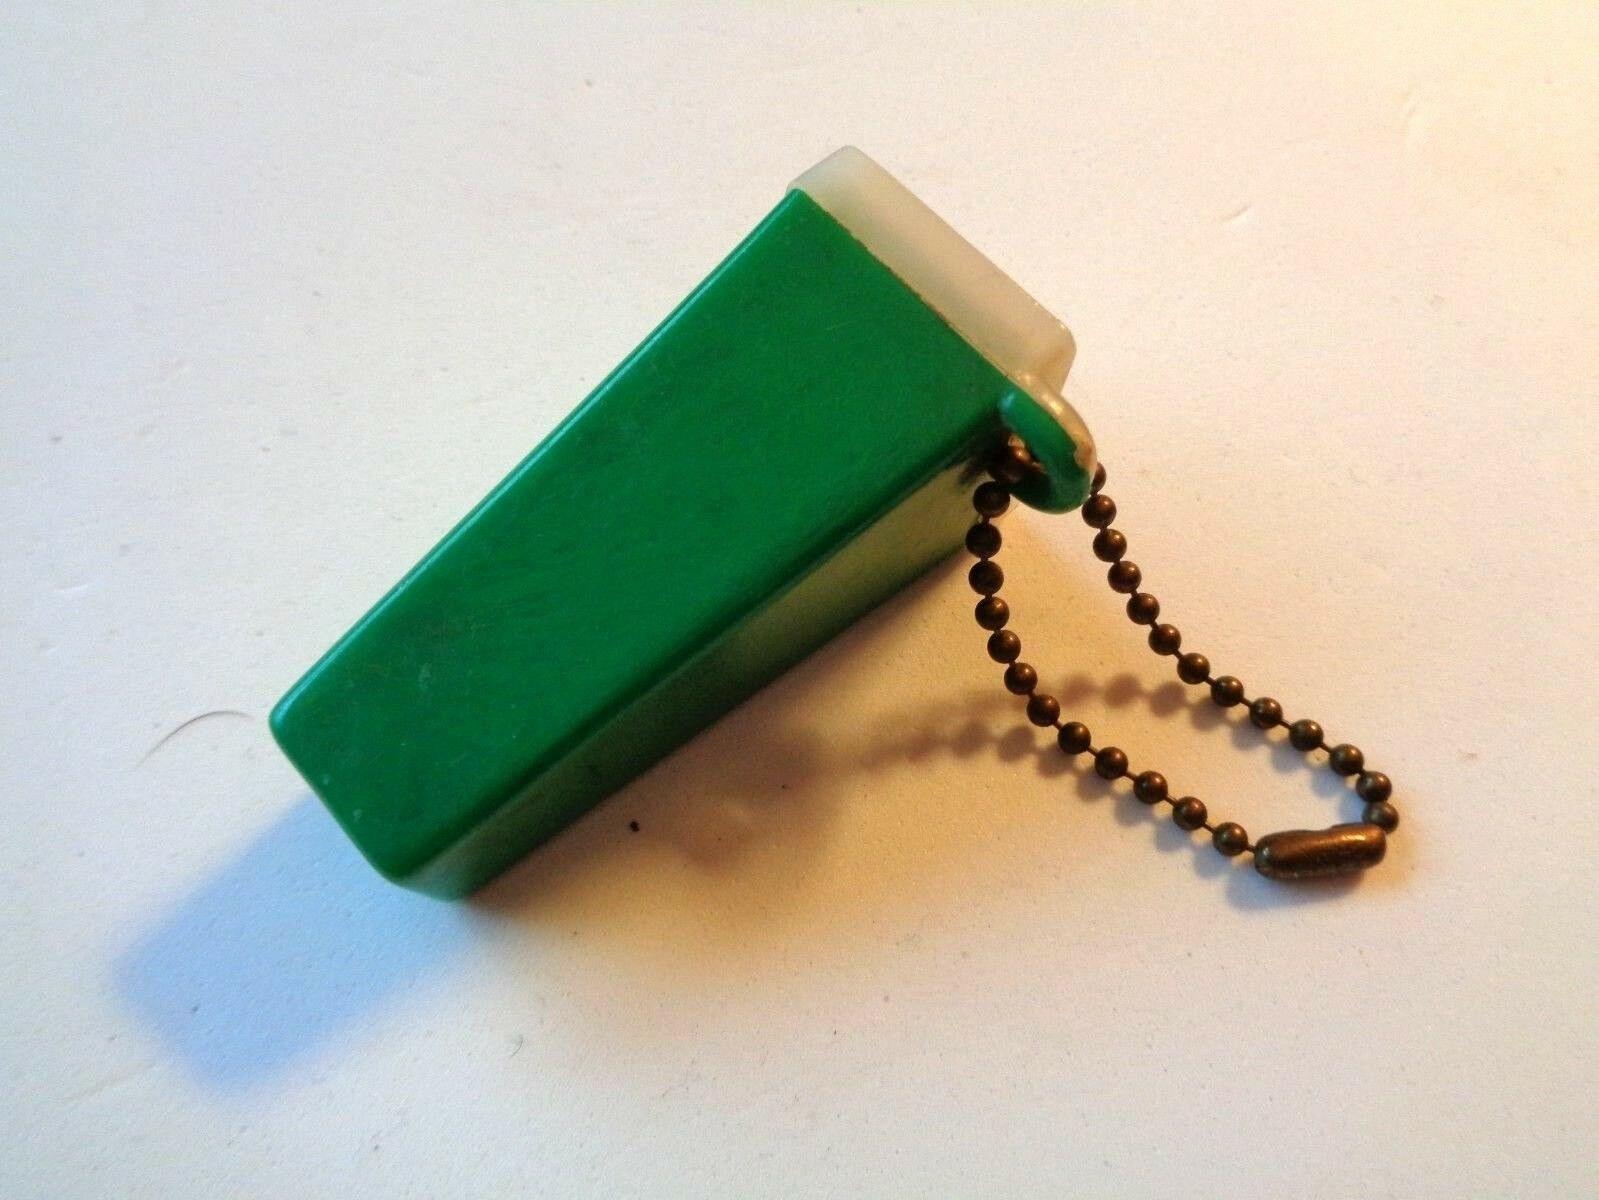 A green photo viewer key chain.